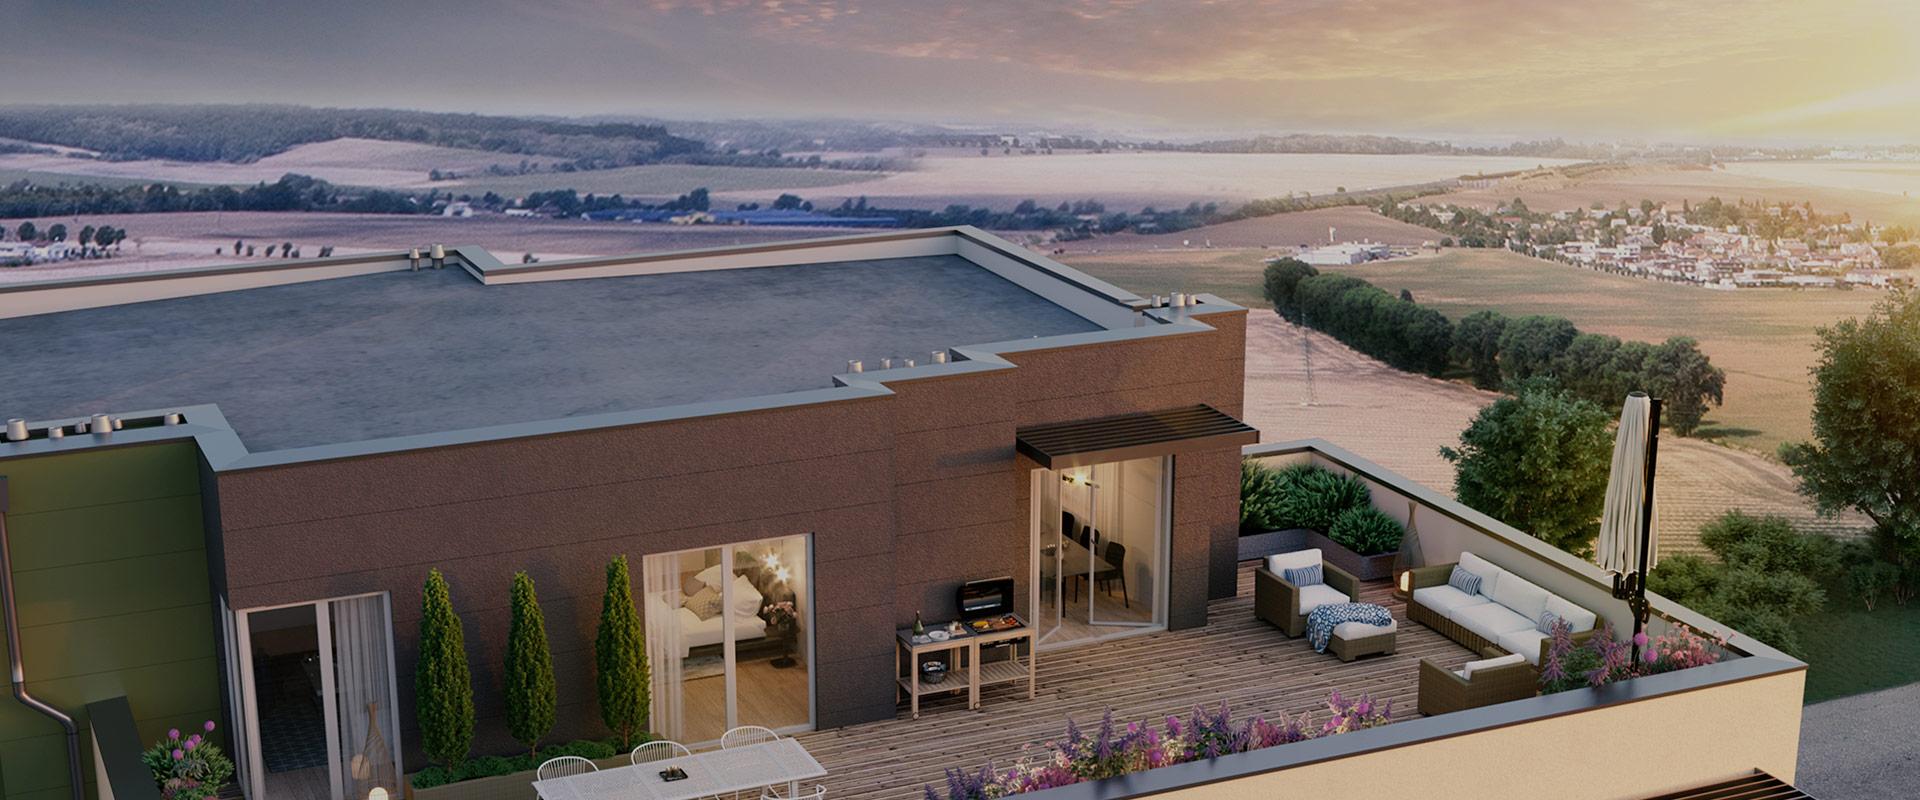 Přivítejte bydlení snů – vyberte si jeden z moderních bytů a začněte konečně žít naplno!